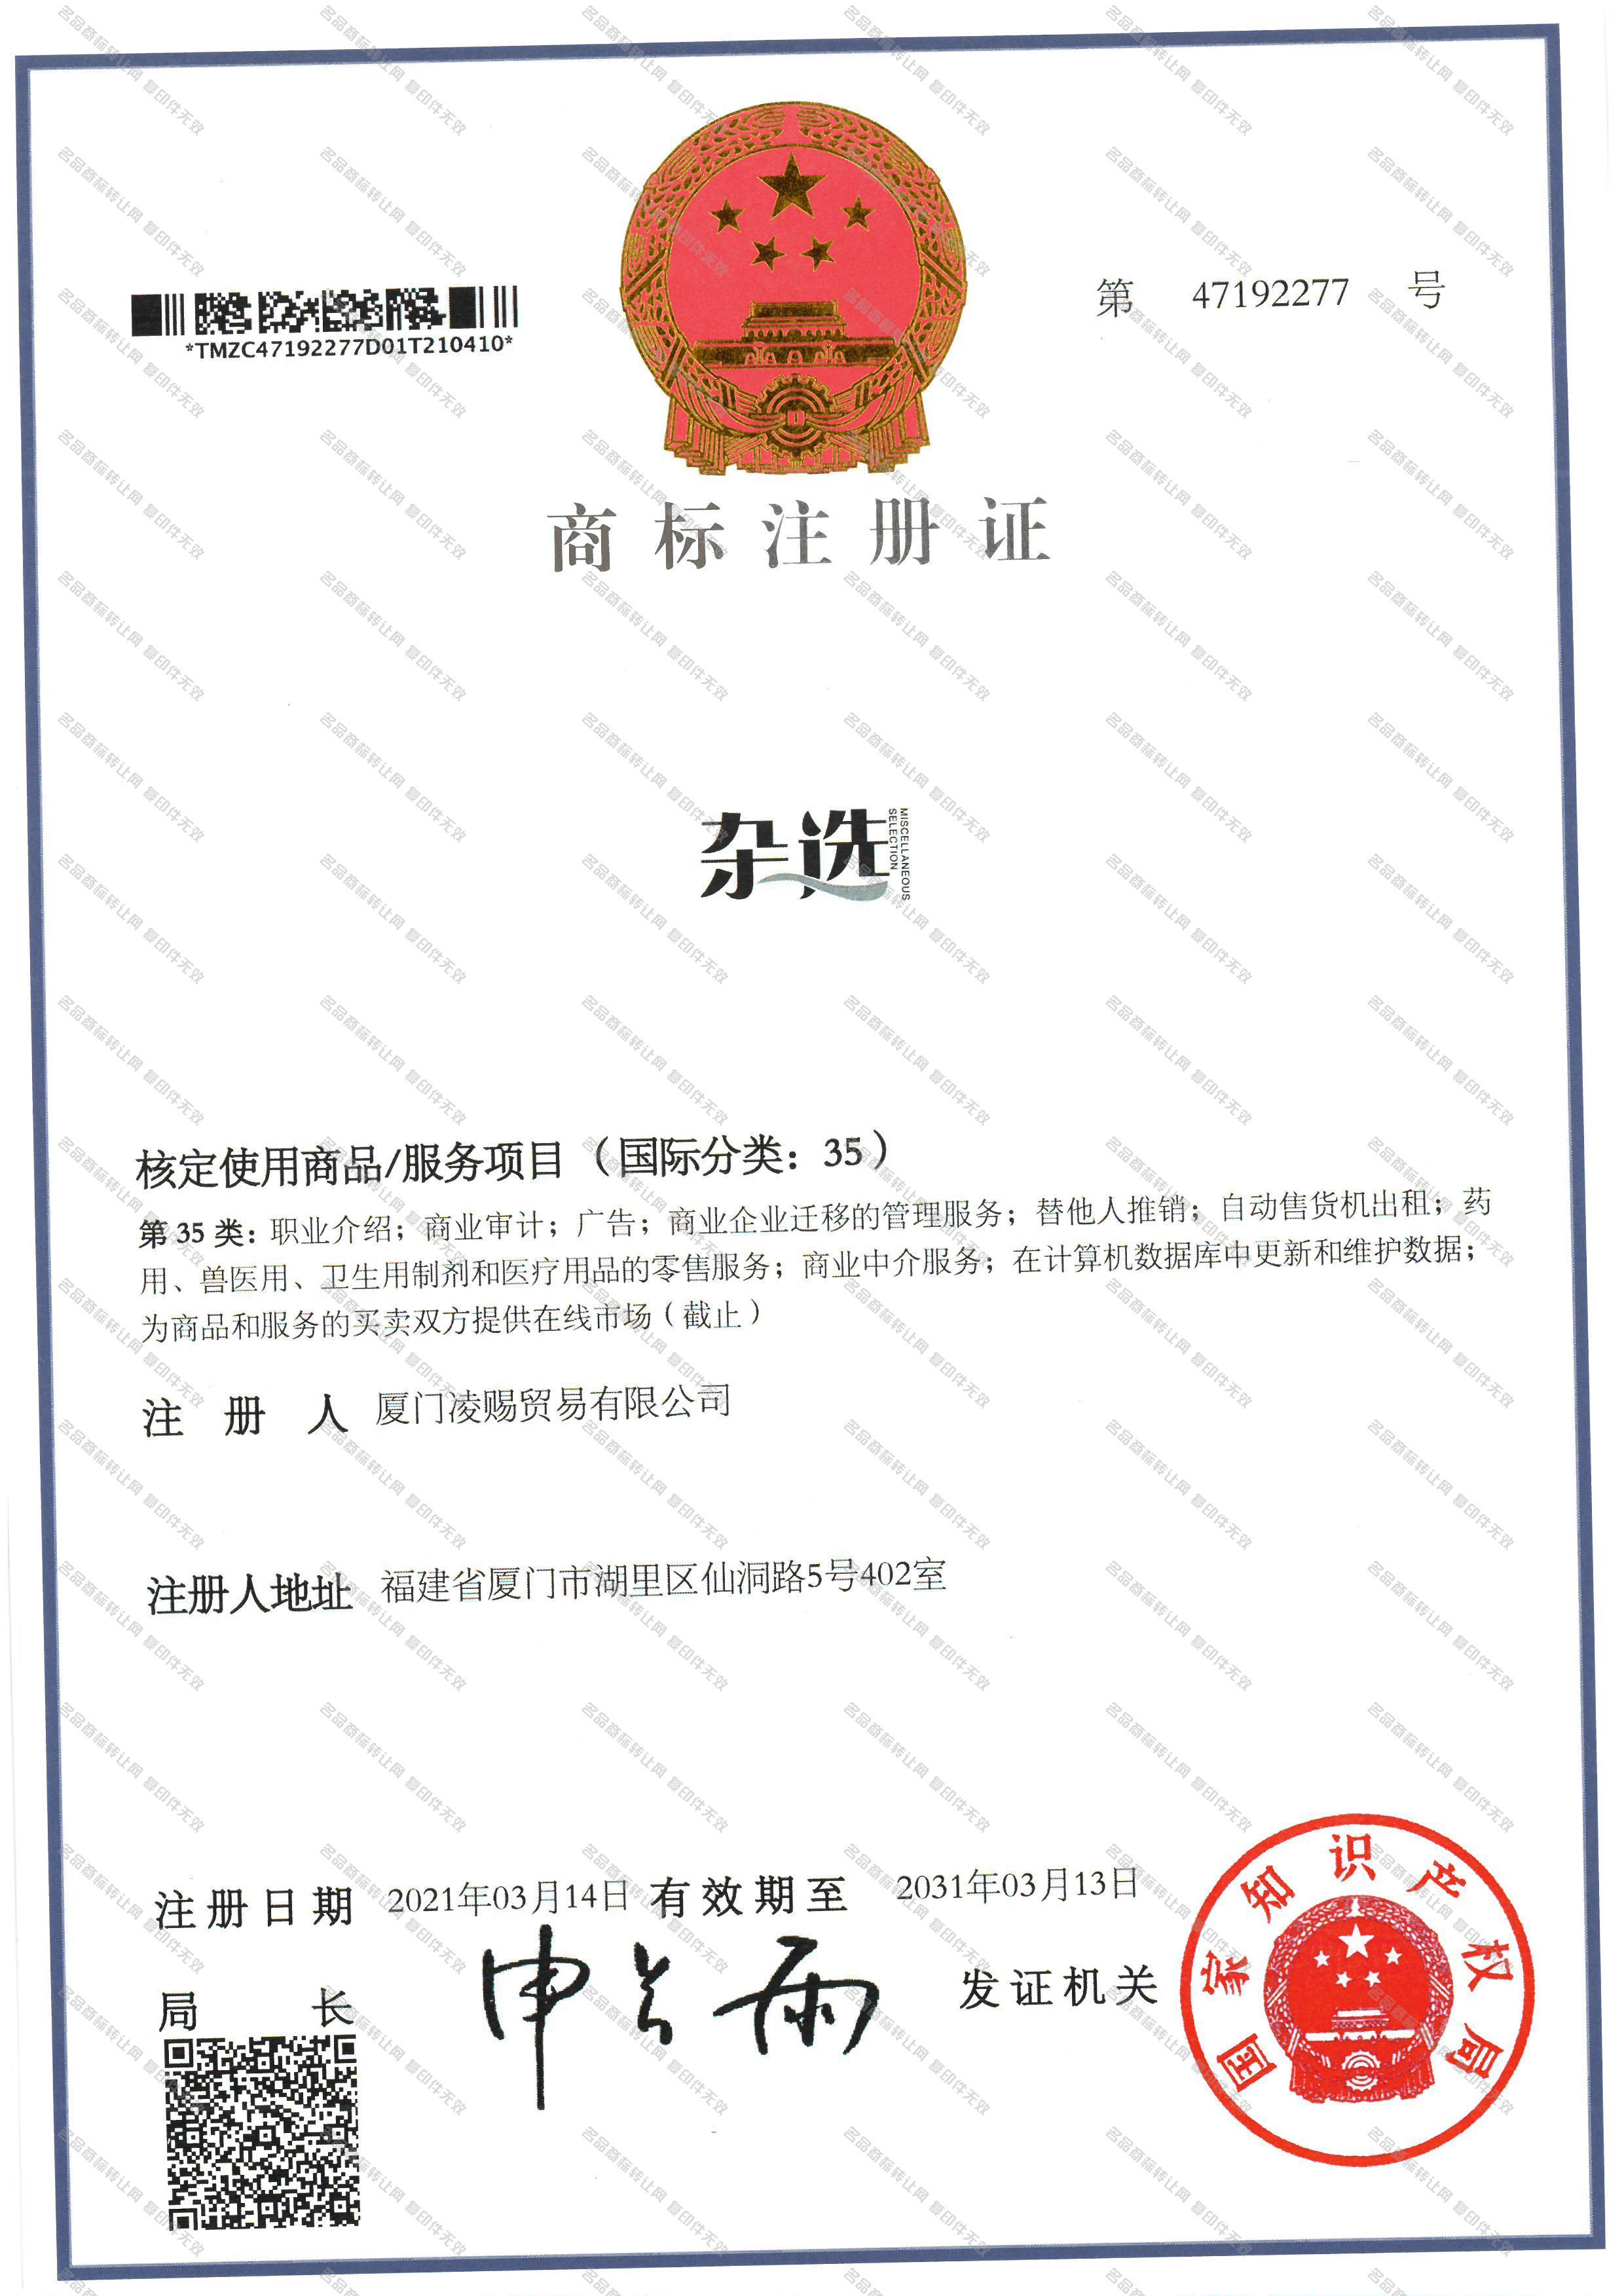 杂选 MISCELLANEOUS SELECTION注册证